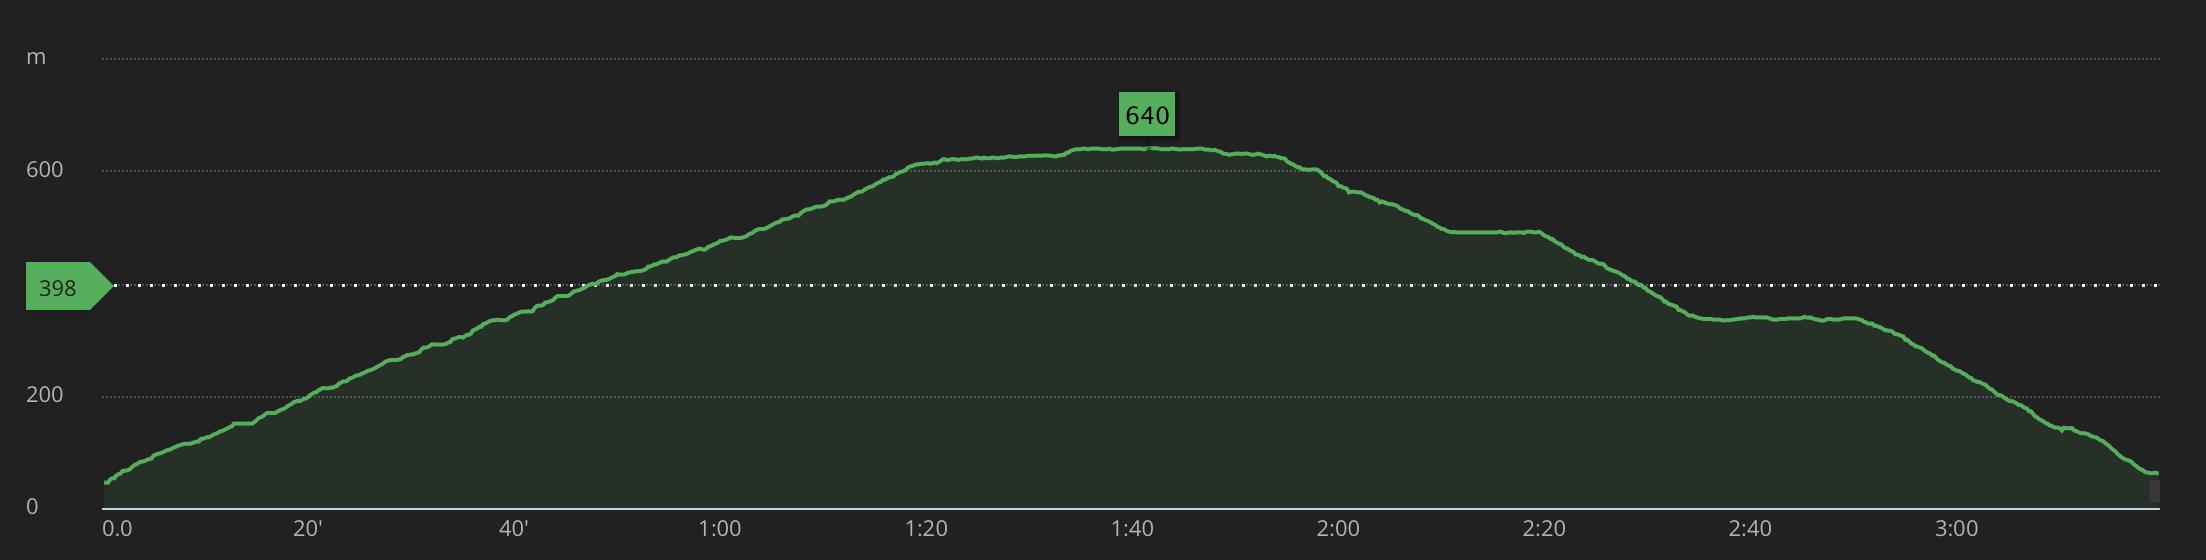 Altitude profile